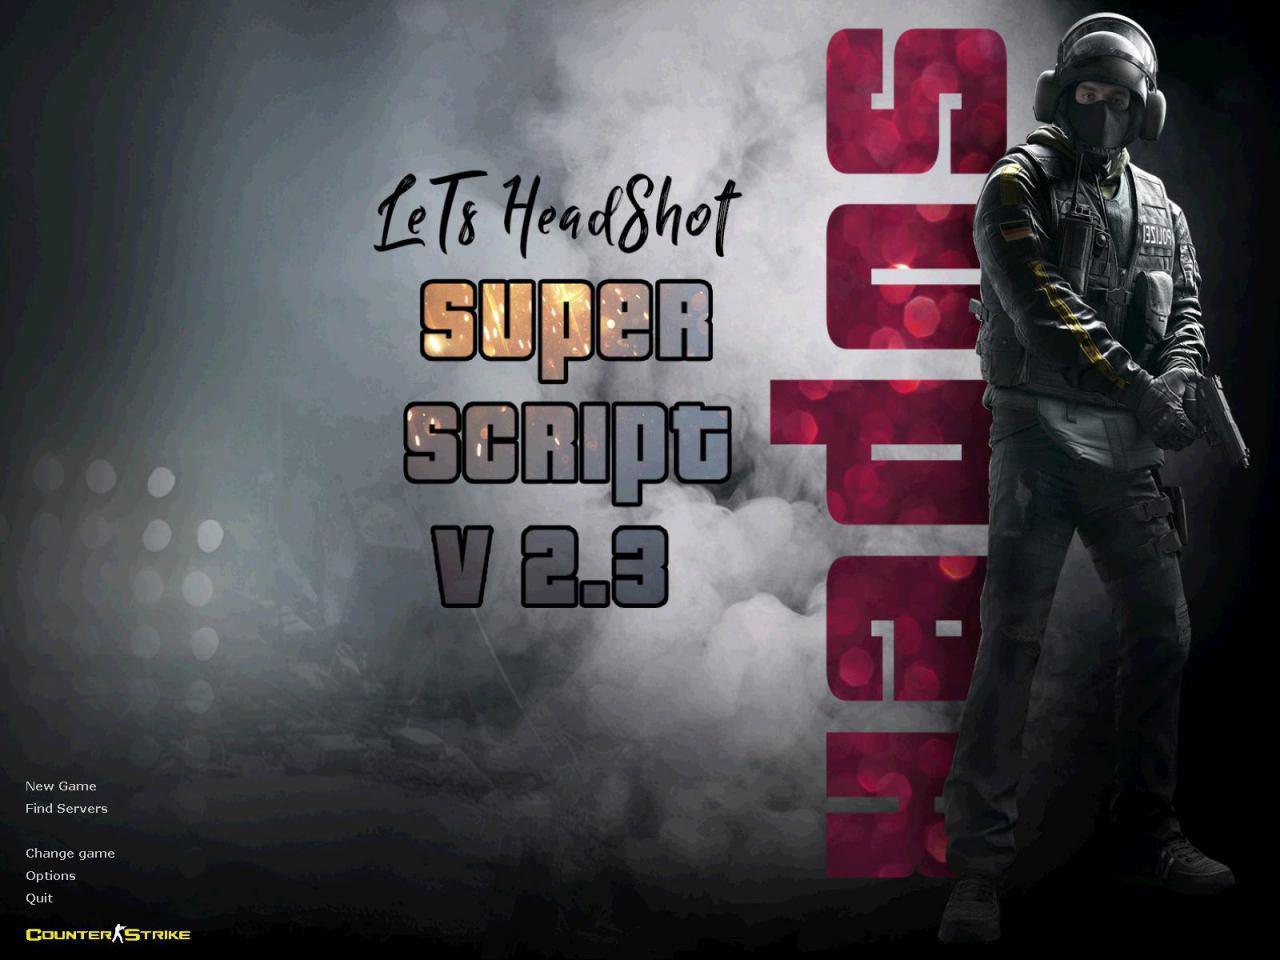 اسکریپت حرفه ای با امکانات فراوان برای تمام نسخه های انتی چیت | SXE